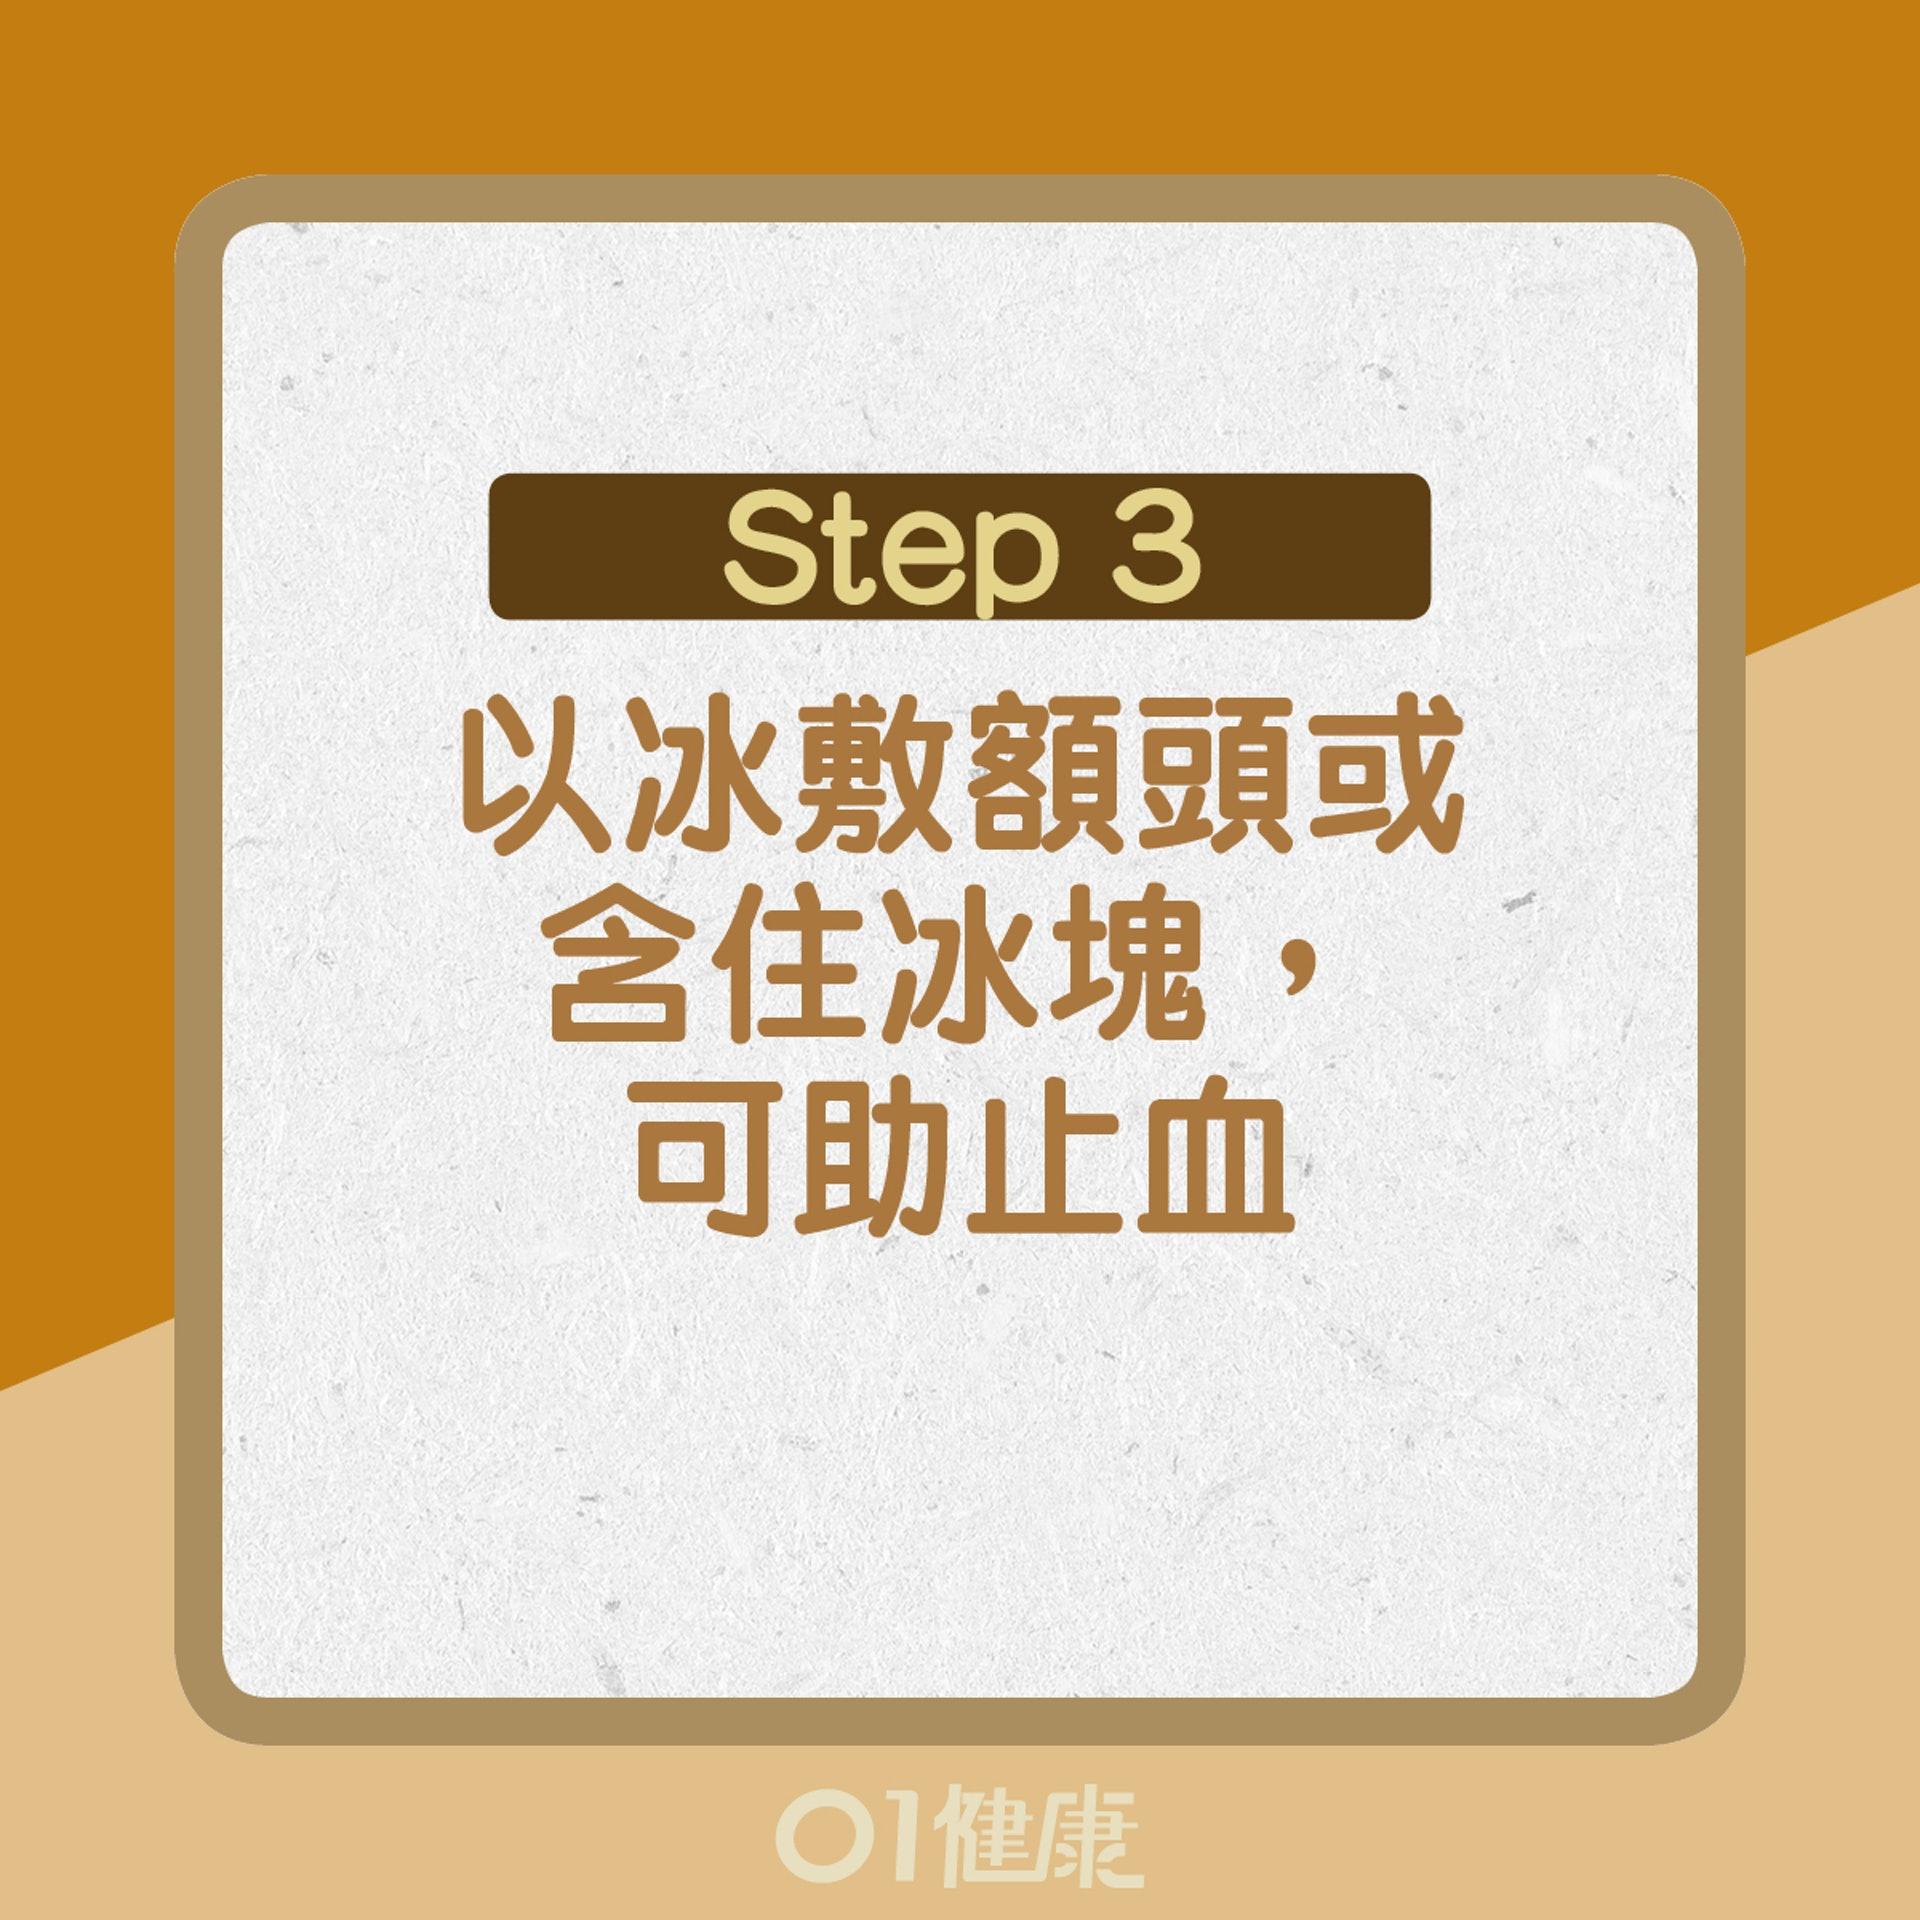 【流鼻血處理方法】3. 以冰敷額頭或含住冰塊,可助止血(01製圖)